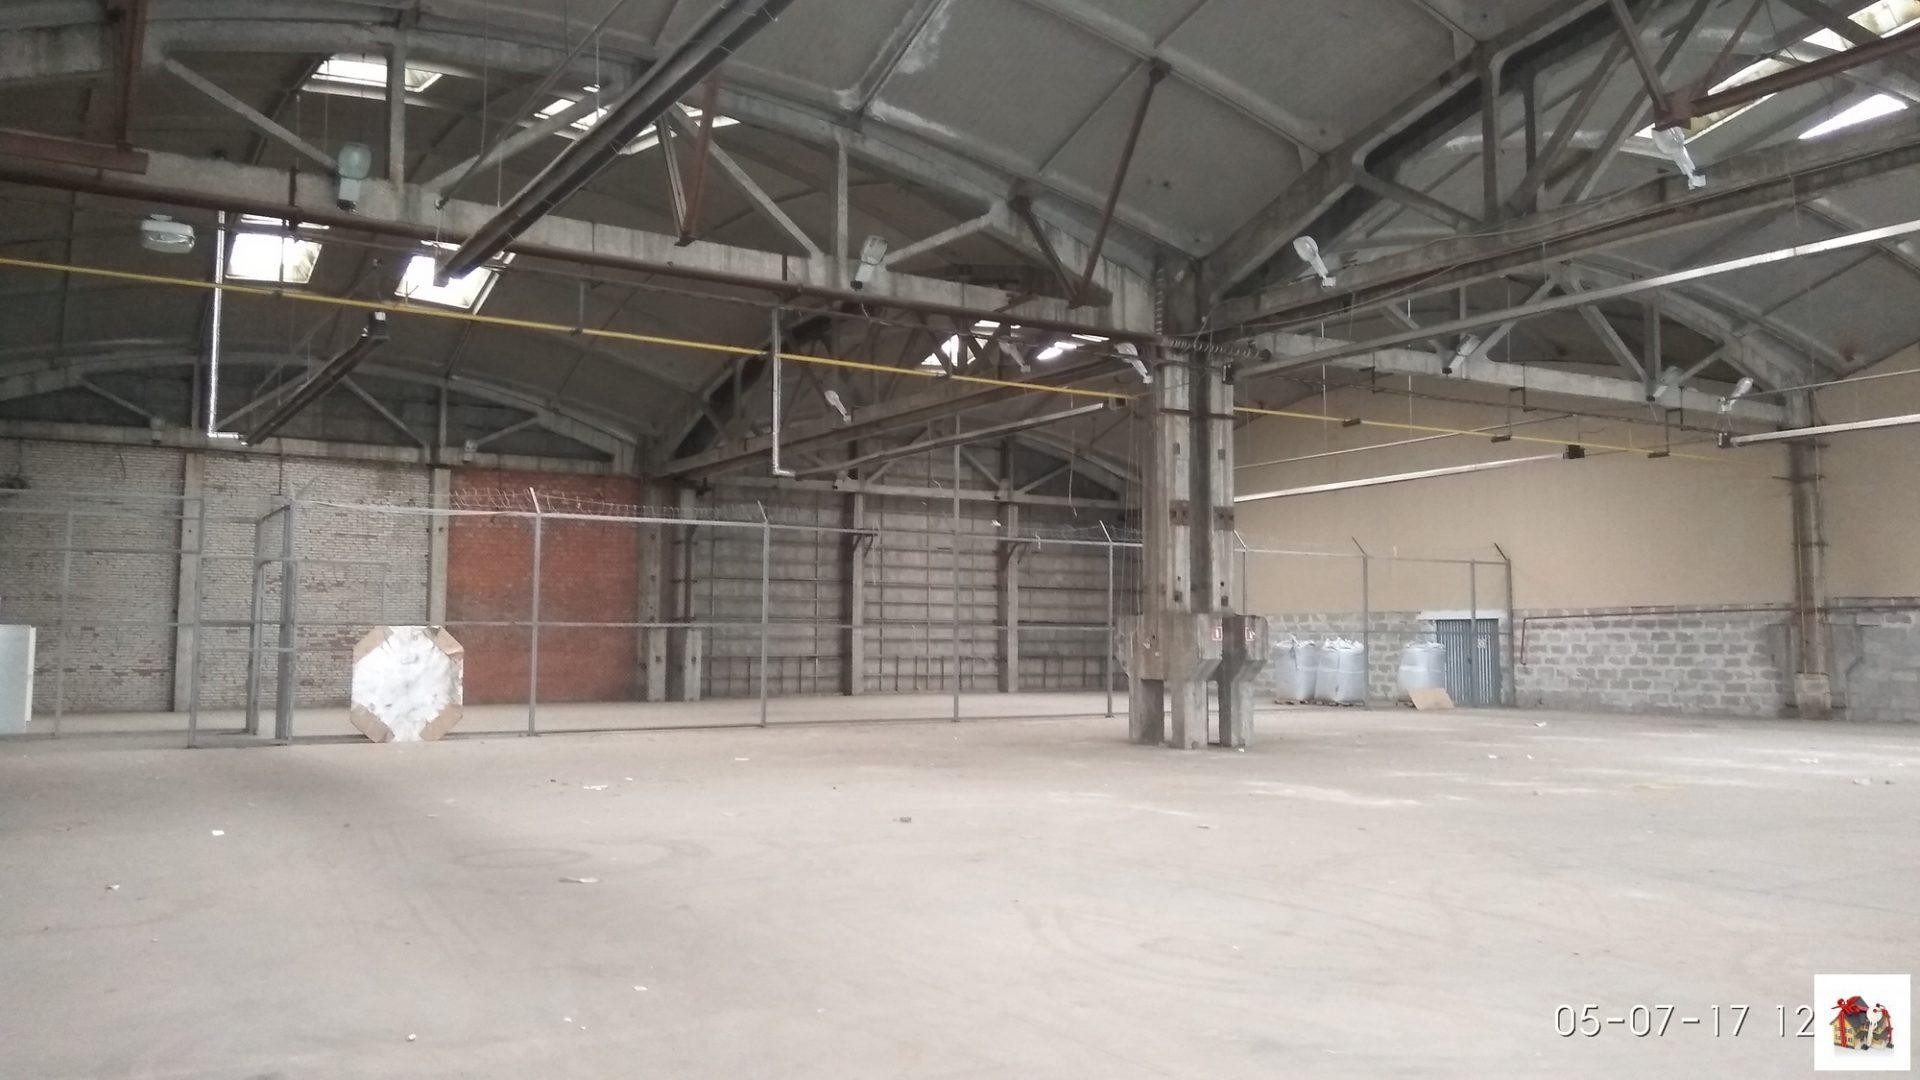 Сдается хол. склад, на ул. Софийская, 1795м2, 2эт, Можно делить частям